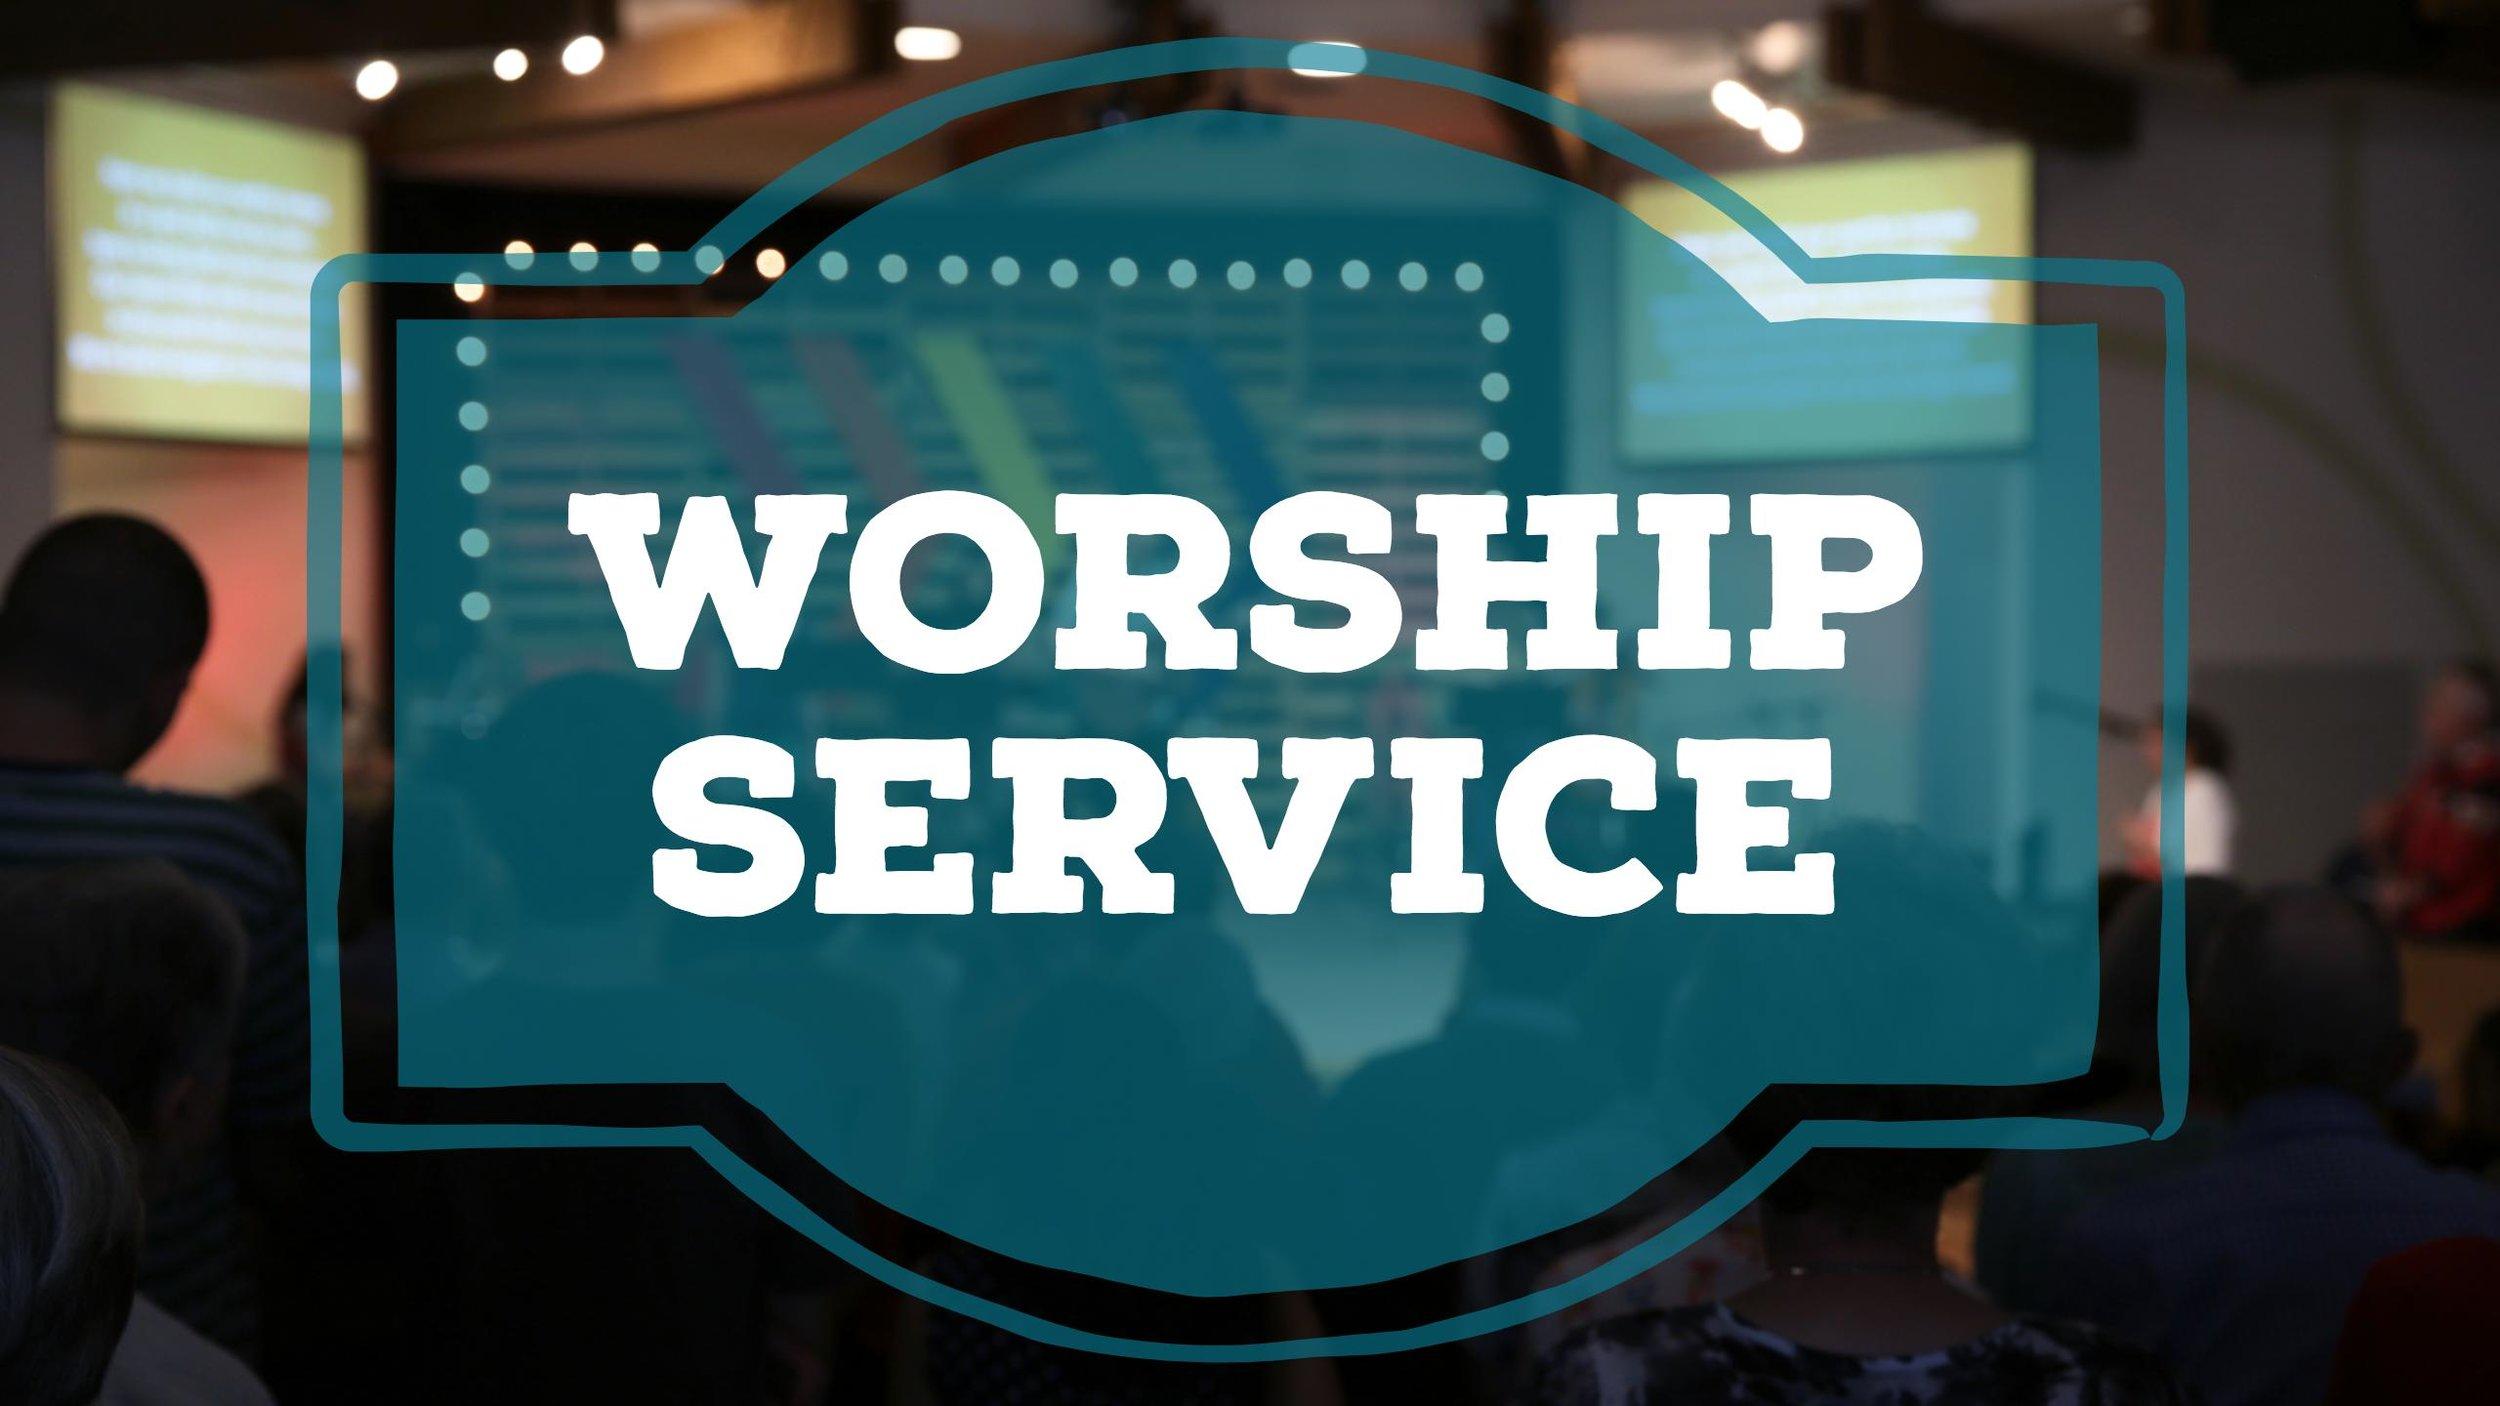 WorshipService.jpg